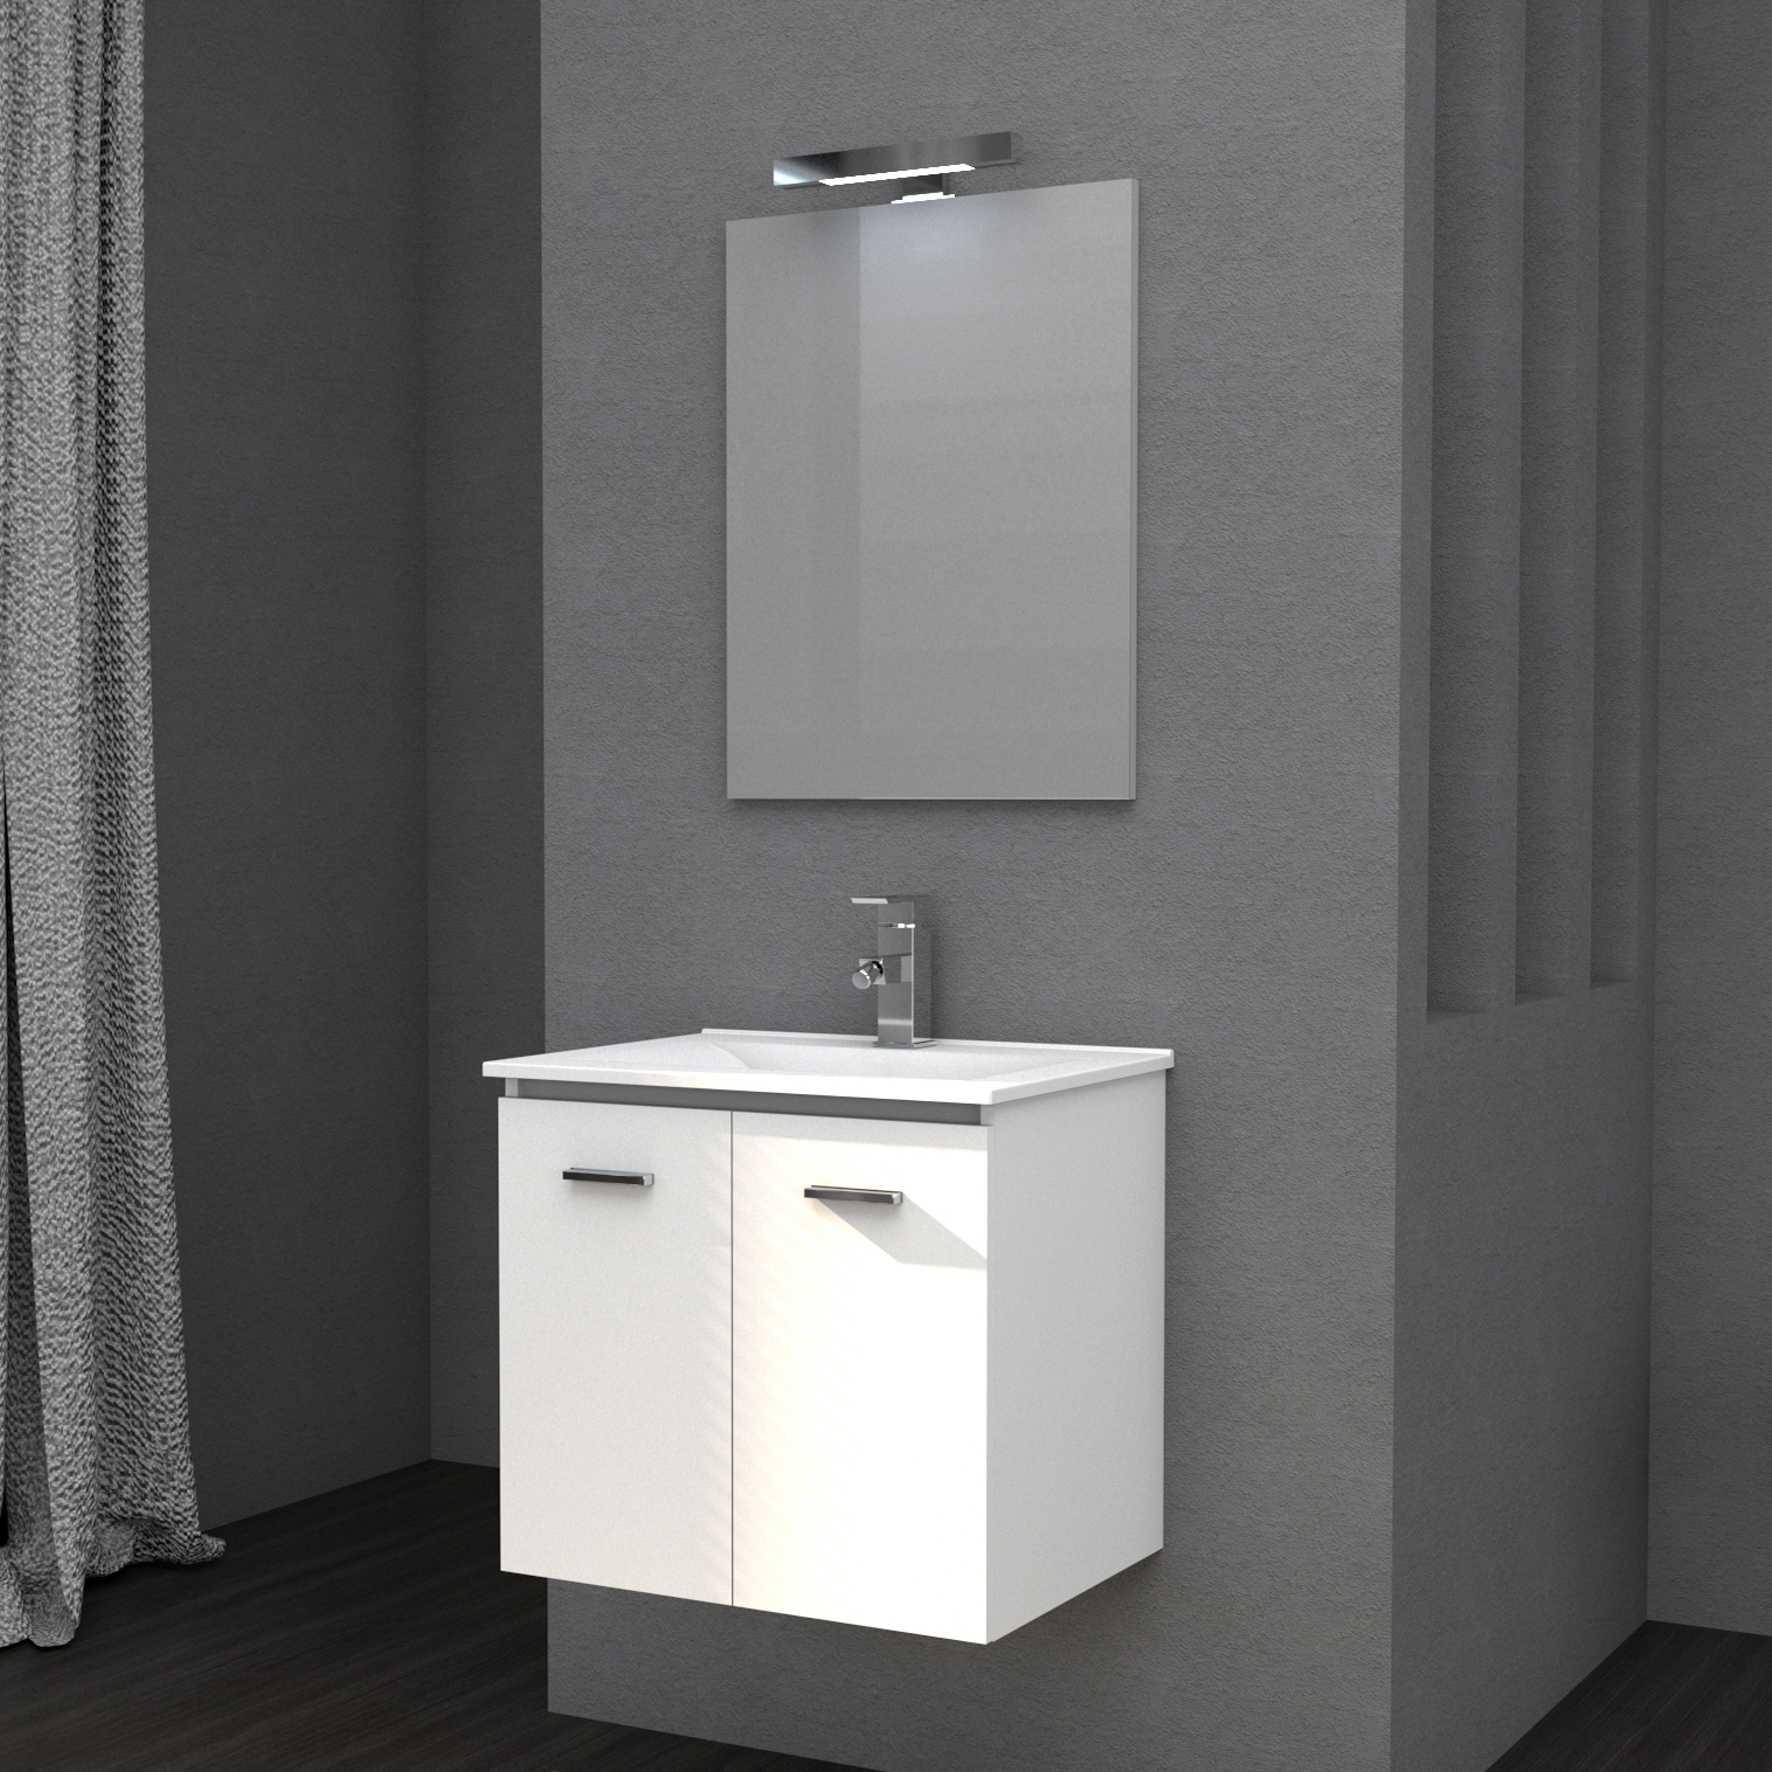 Mobile bagno sospeso FLY 61 cm 61x46 bianco lucido con lavabo in ceramica